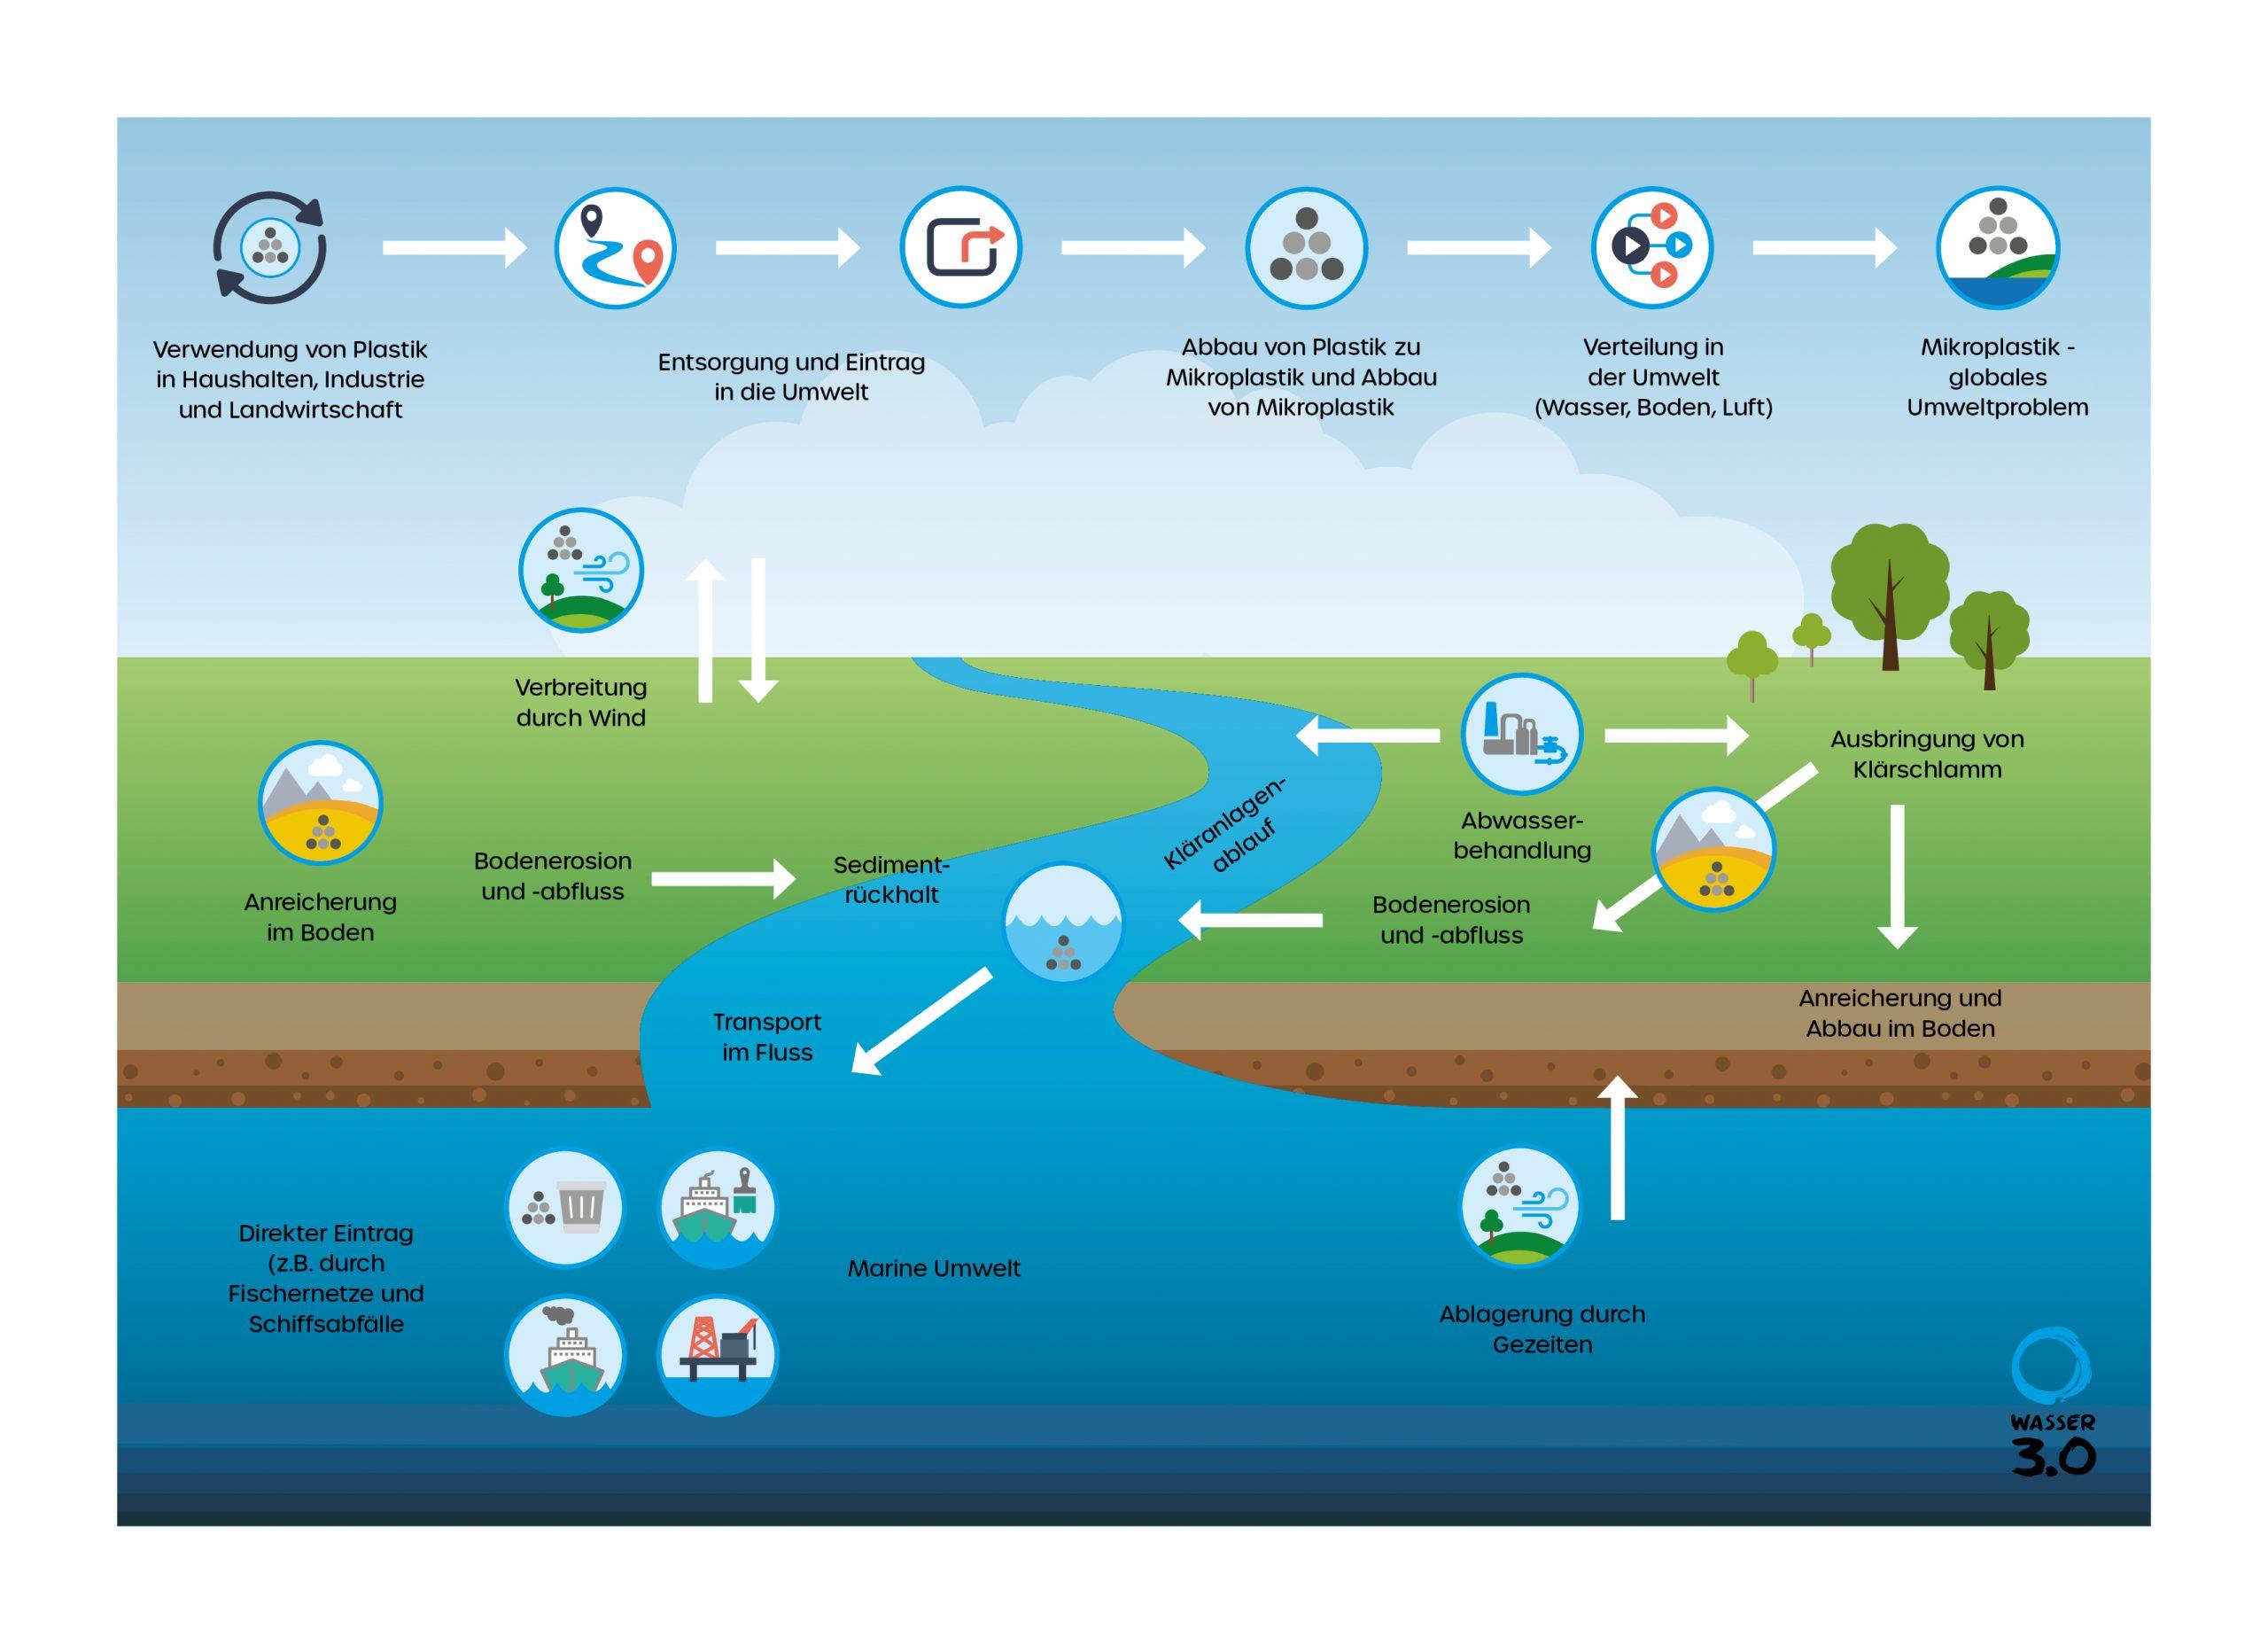 Mikroplastik in der Umwelt: Wie kommt es in die Umwelt, wie verteilt es sich und warum wird es zum globalen Umweltproblem?